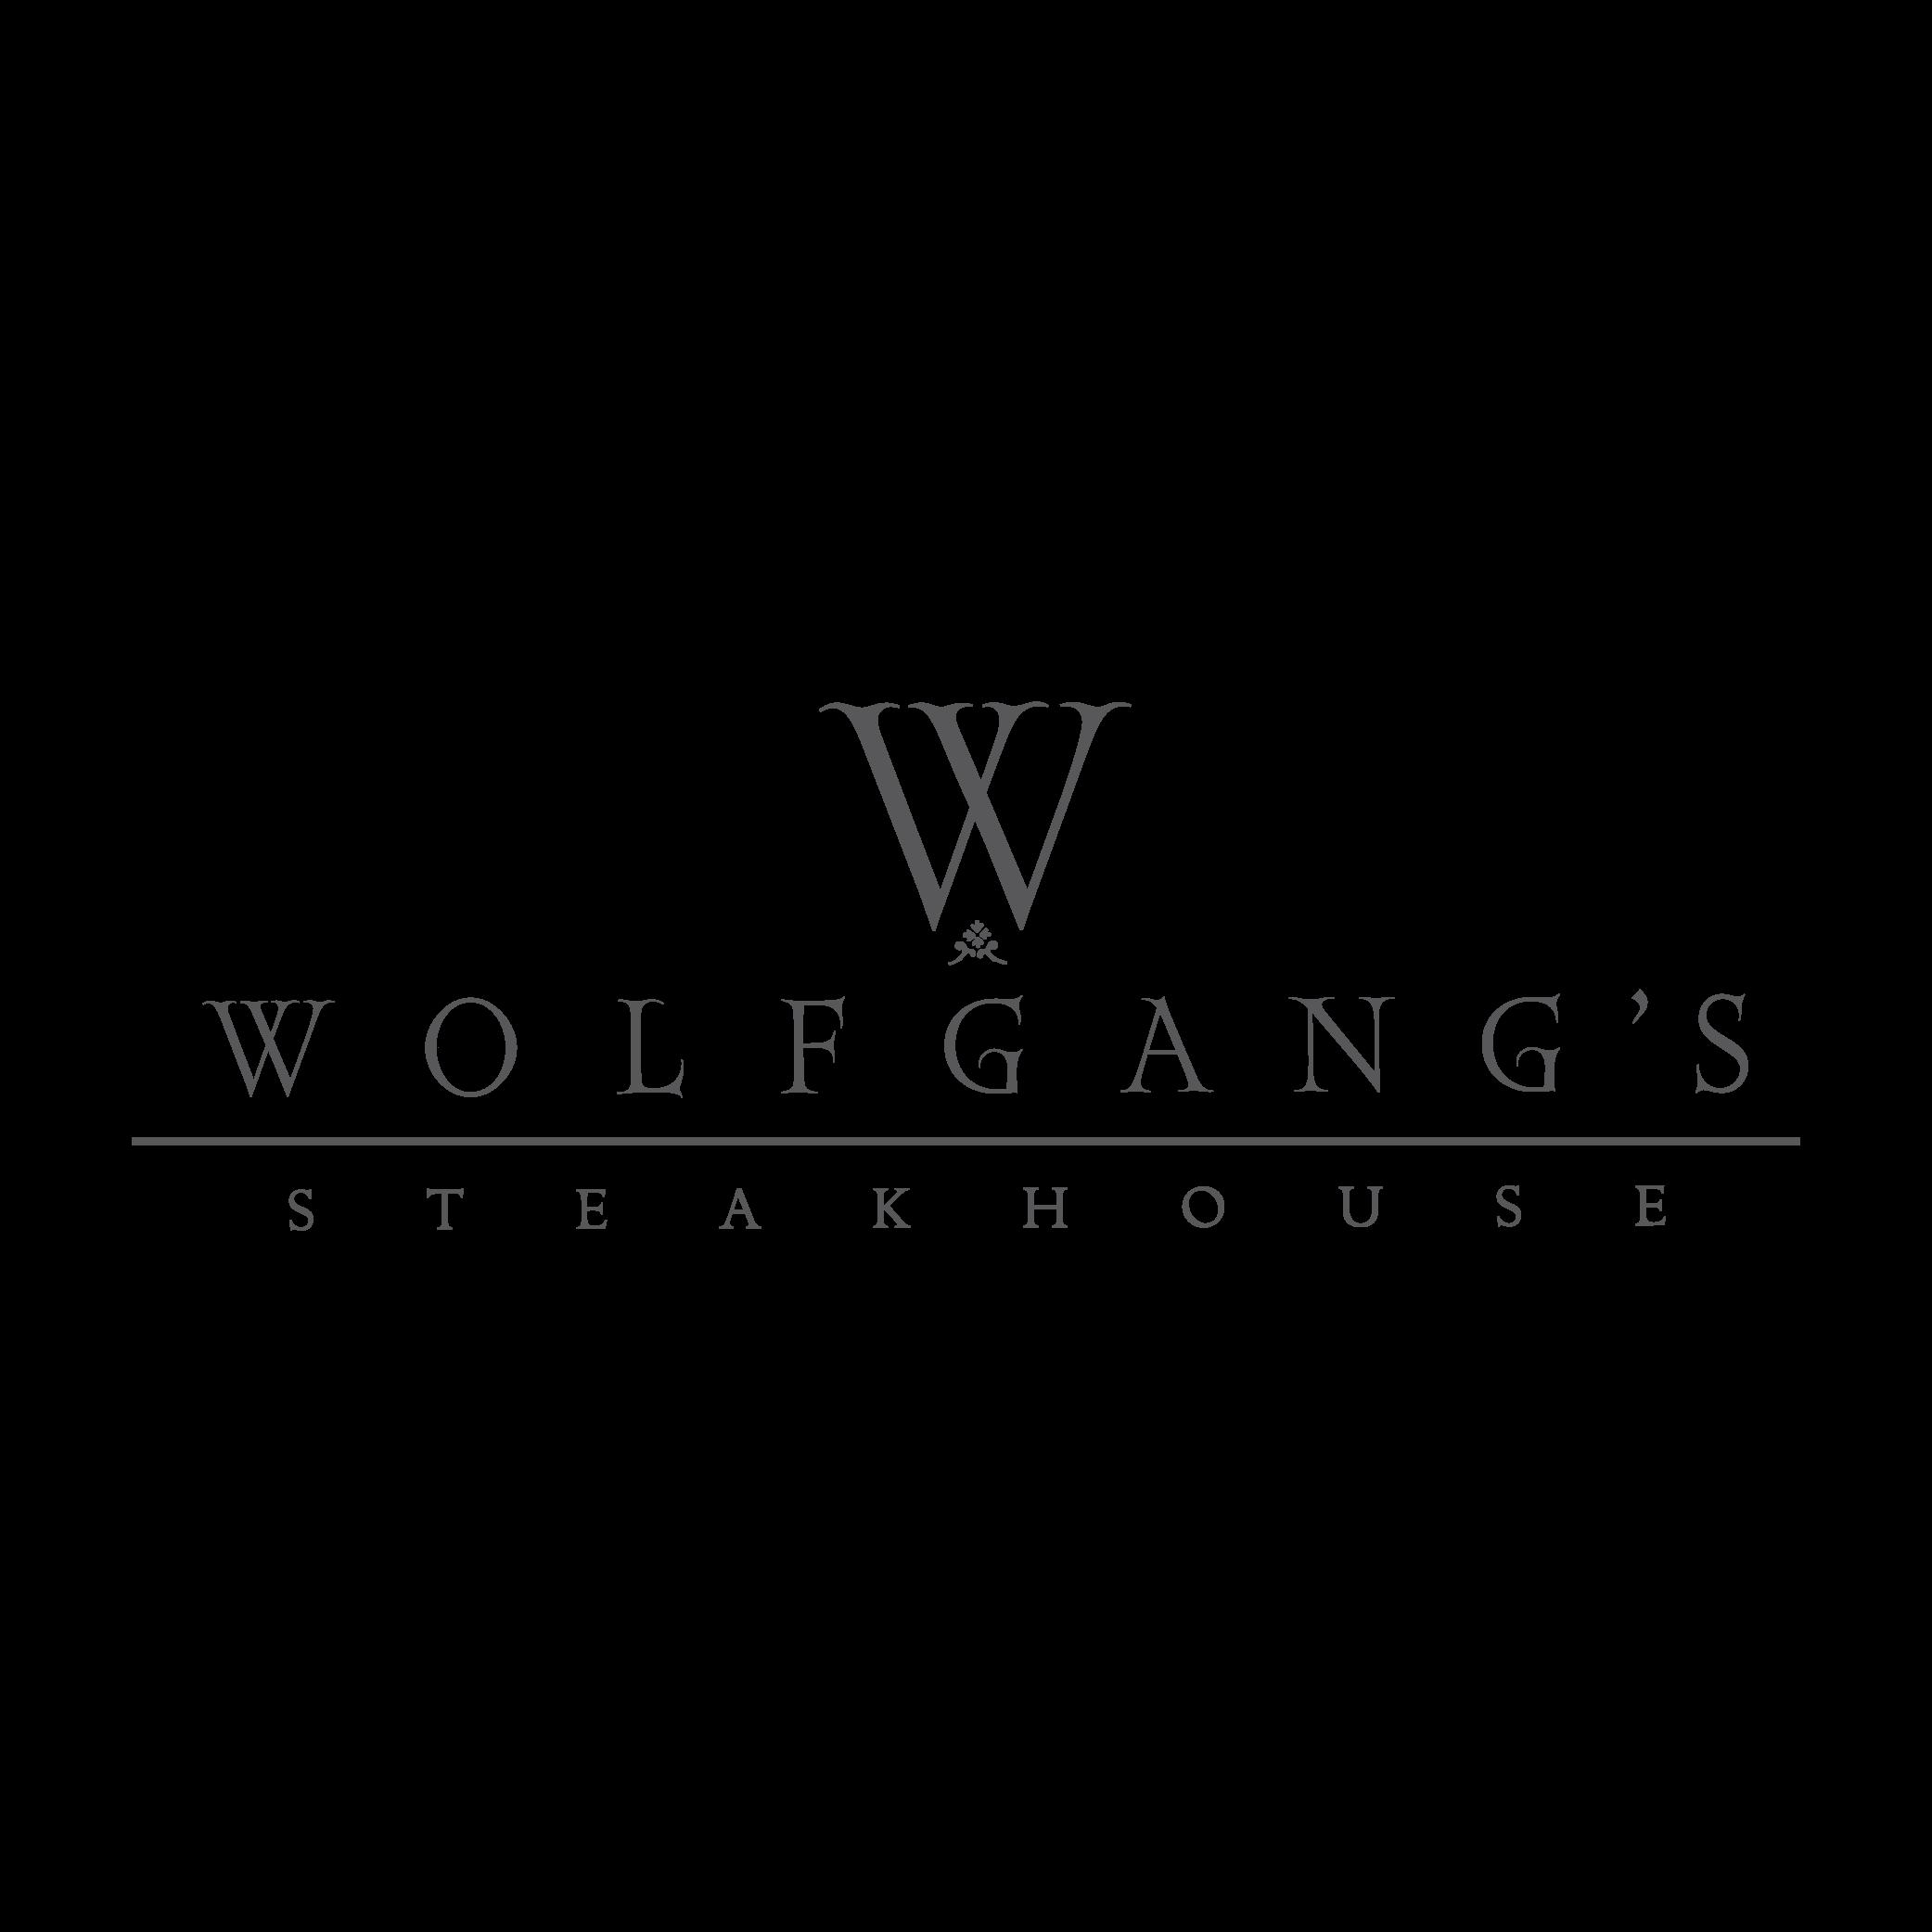 Wolfgang's logo